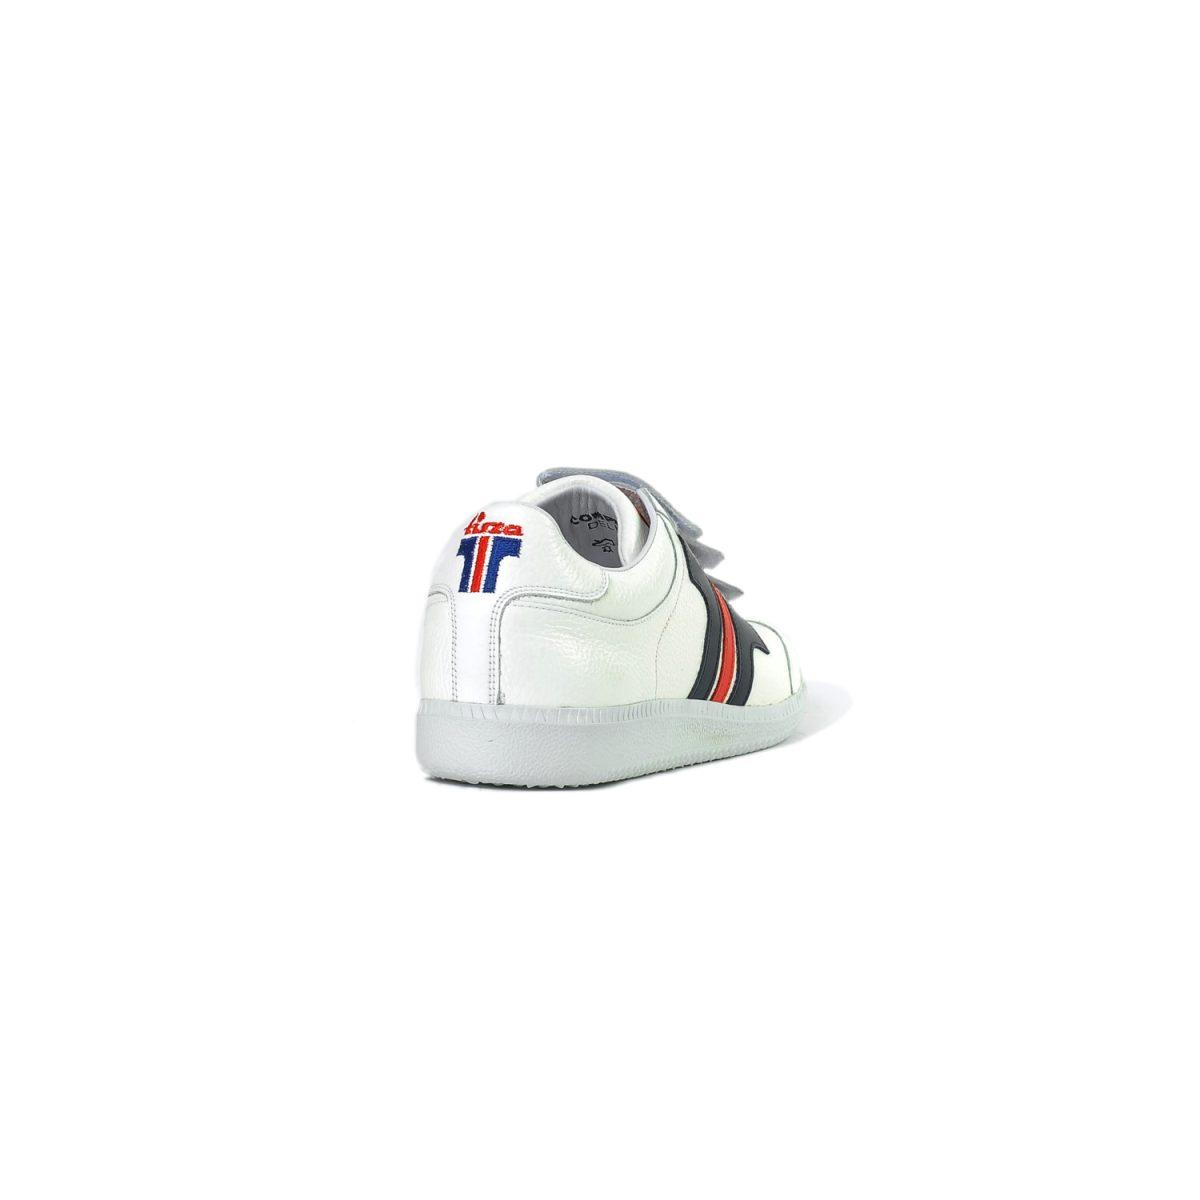 Tisza cipő - Delux - Fehér-klasszik